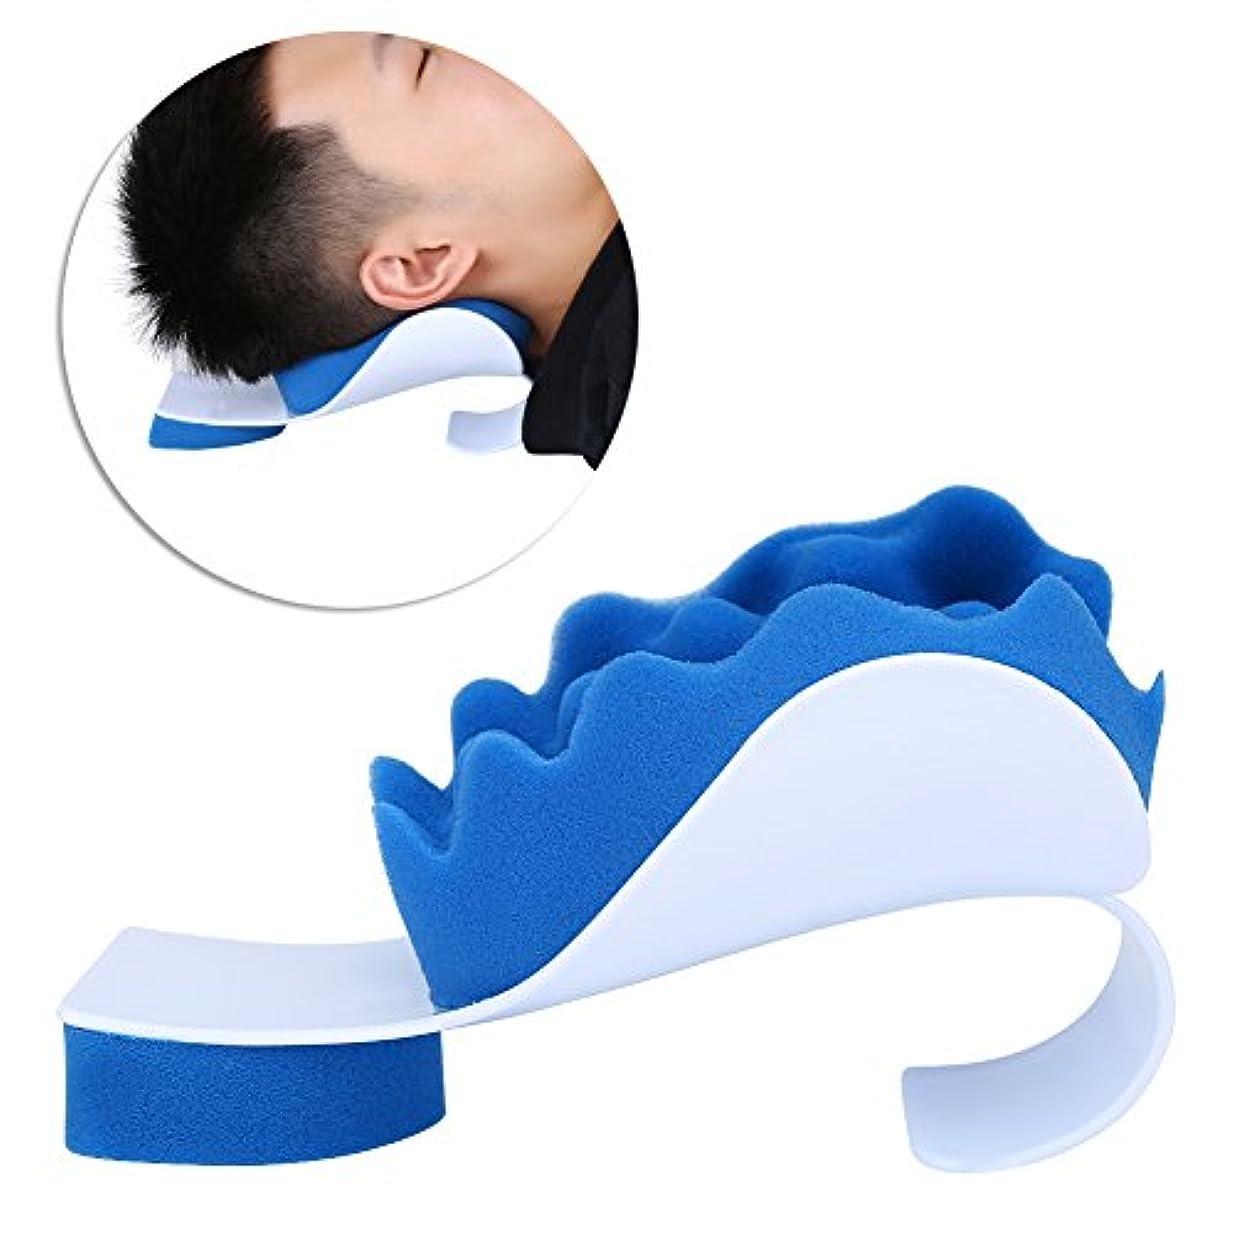 マッサージ枕 首ストレッチャー ネック枕 ツボ押し リラックス ストレス解消 頚椎/首筋矯正 首筋押圧 肩こり 首こり 改善